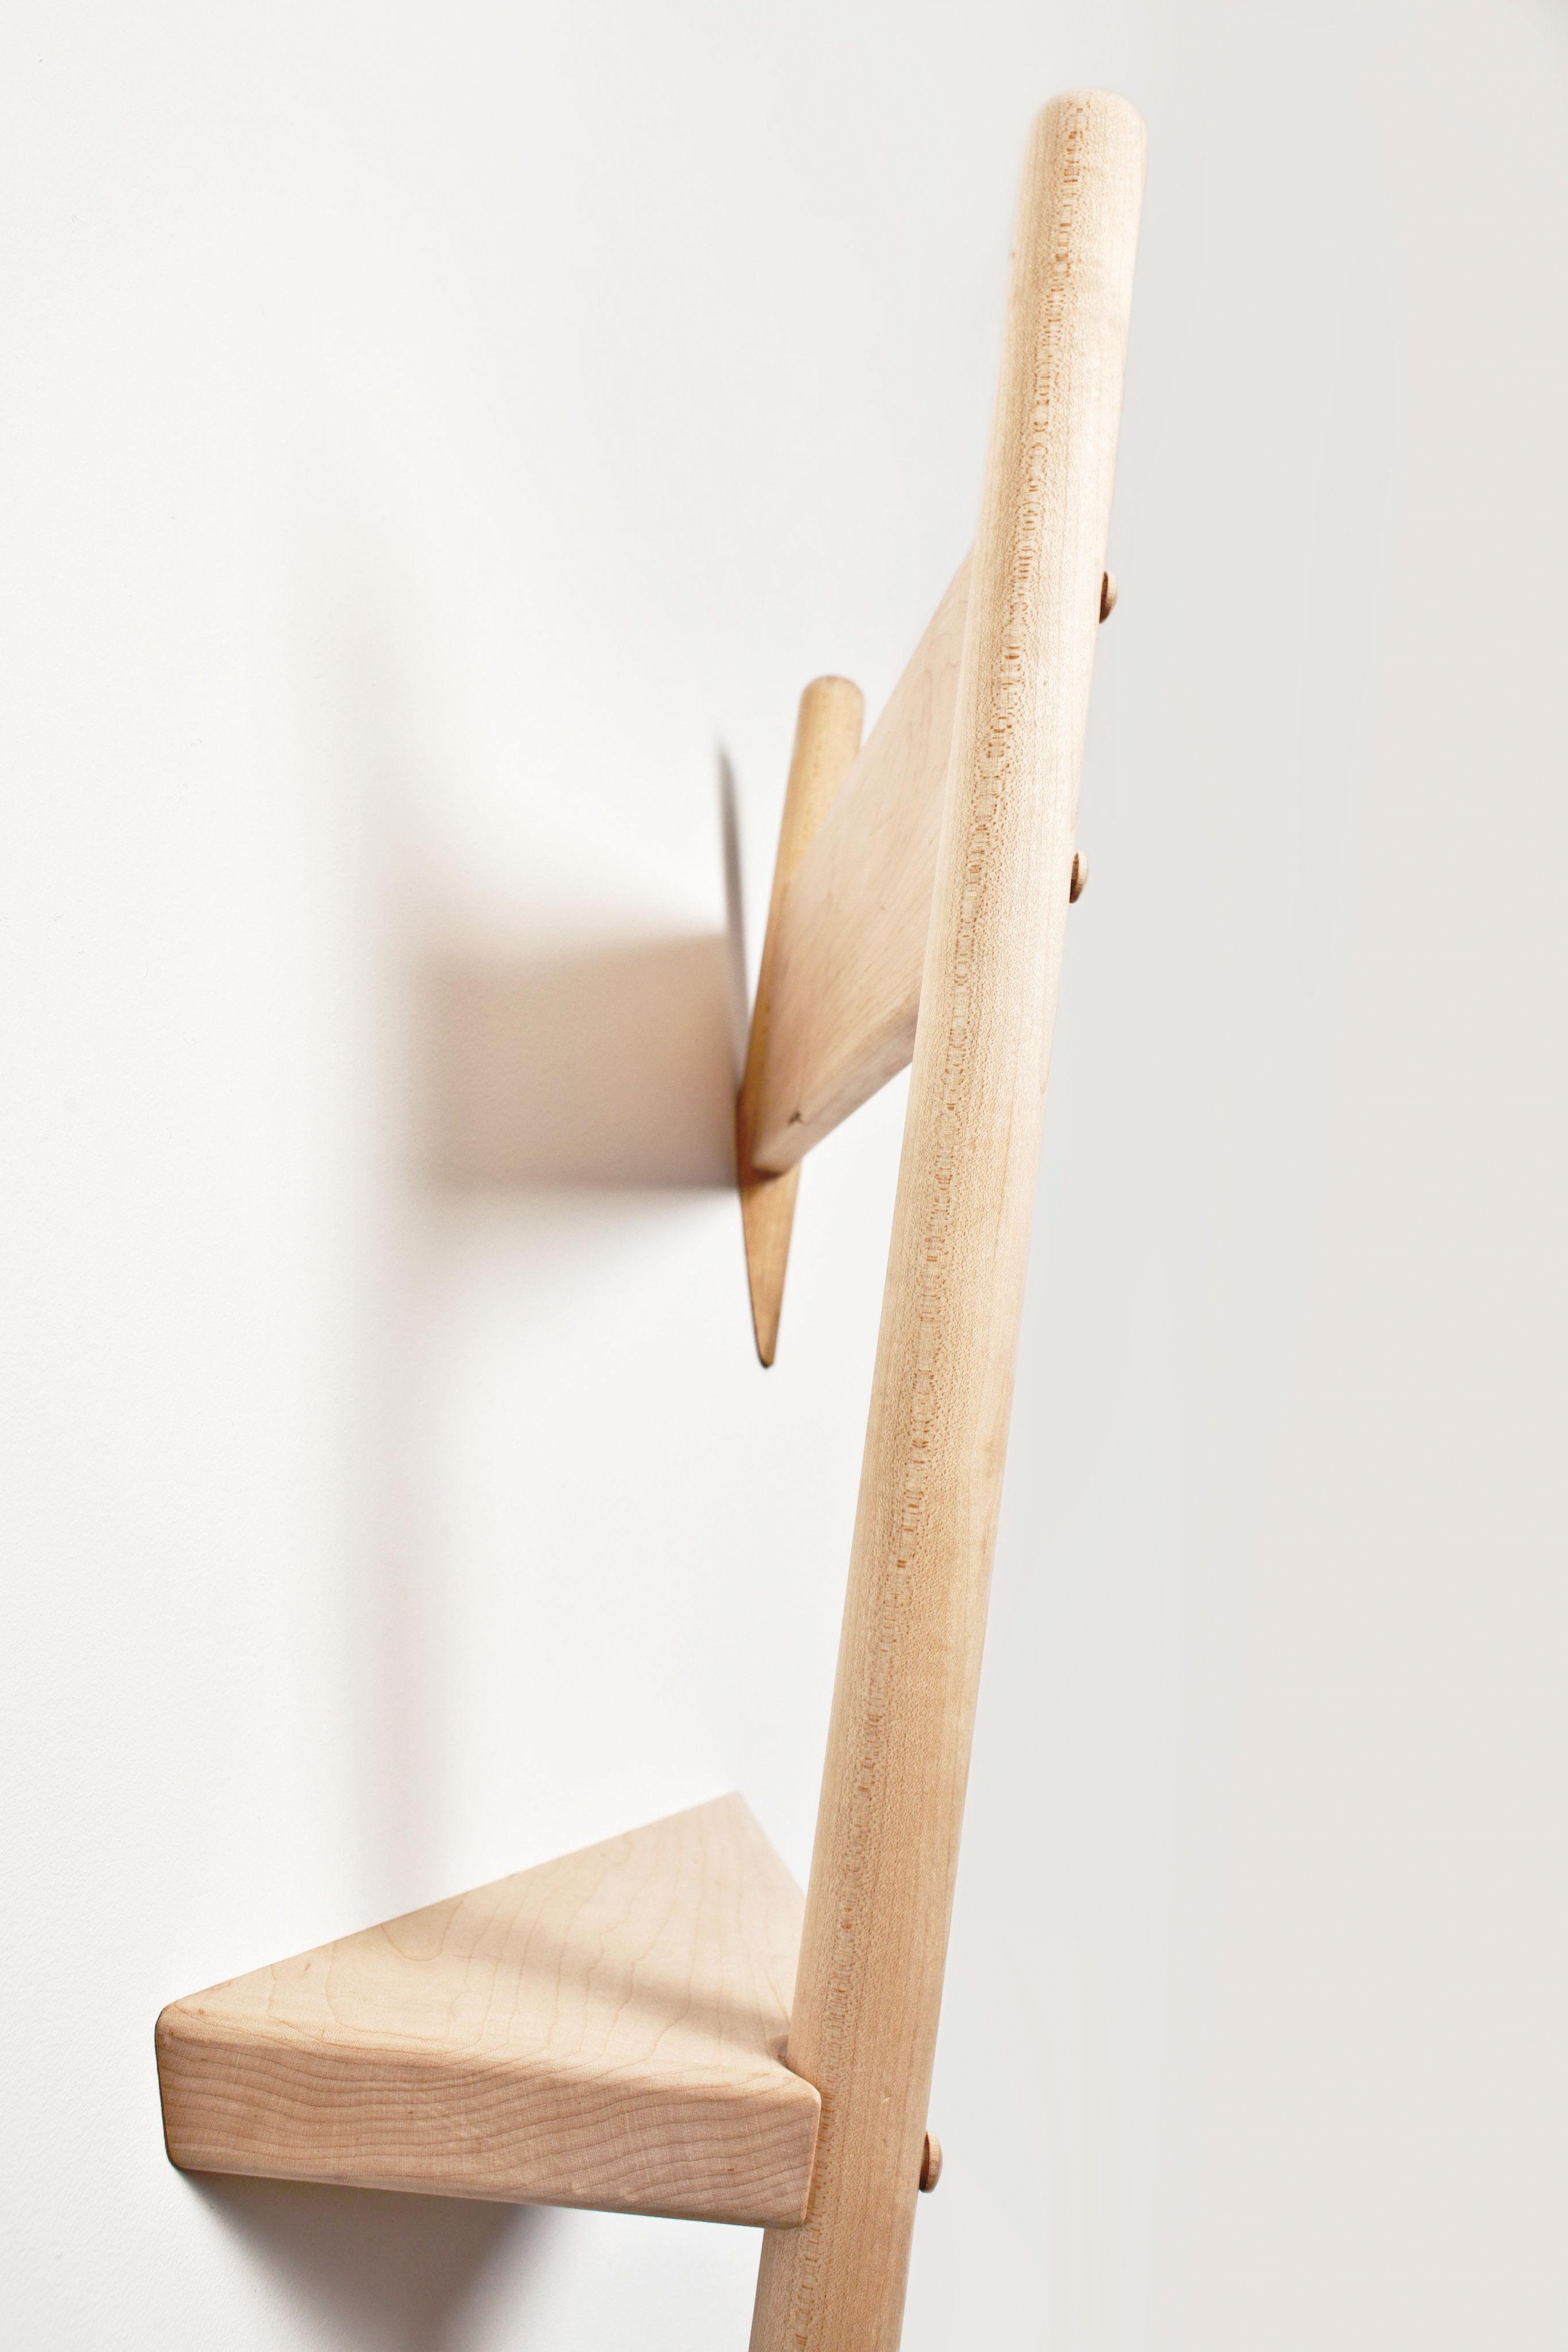 Portemanteau mural wallhax en forme de chaise ch ne for Chaise en forme de main